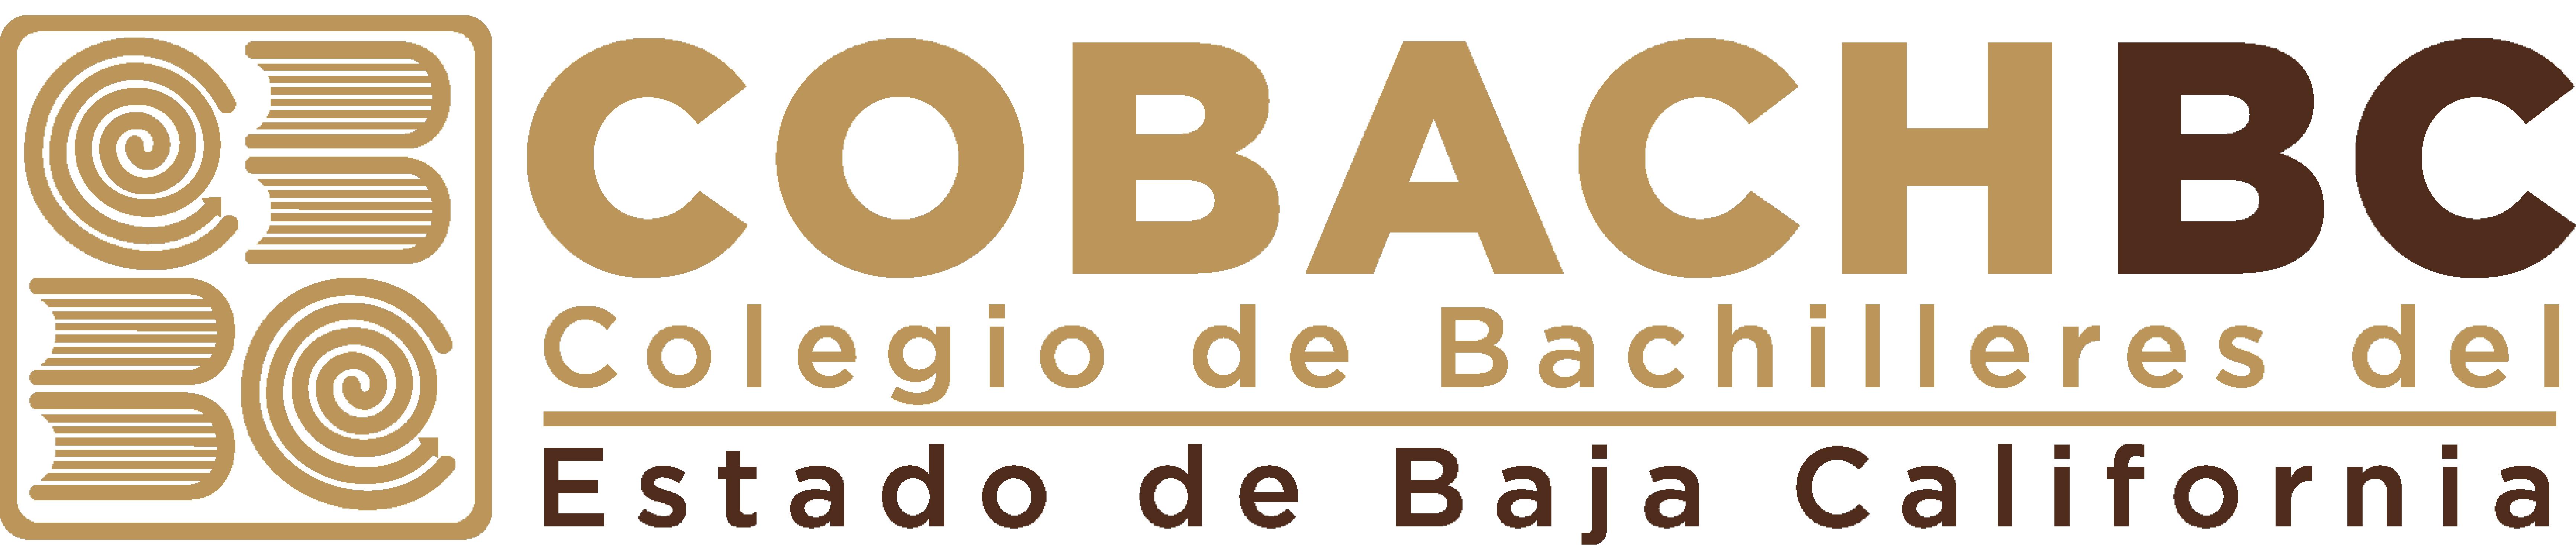 Colegio de Bachilleres del Estado de Baja California